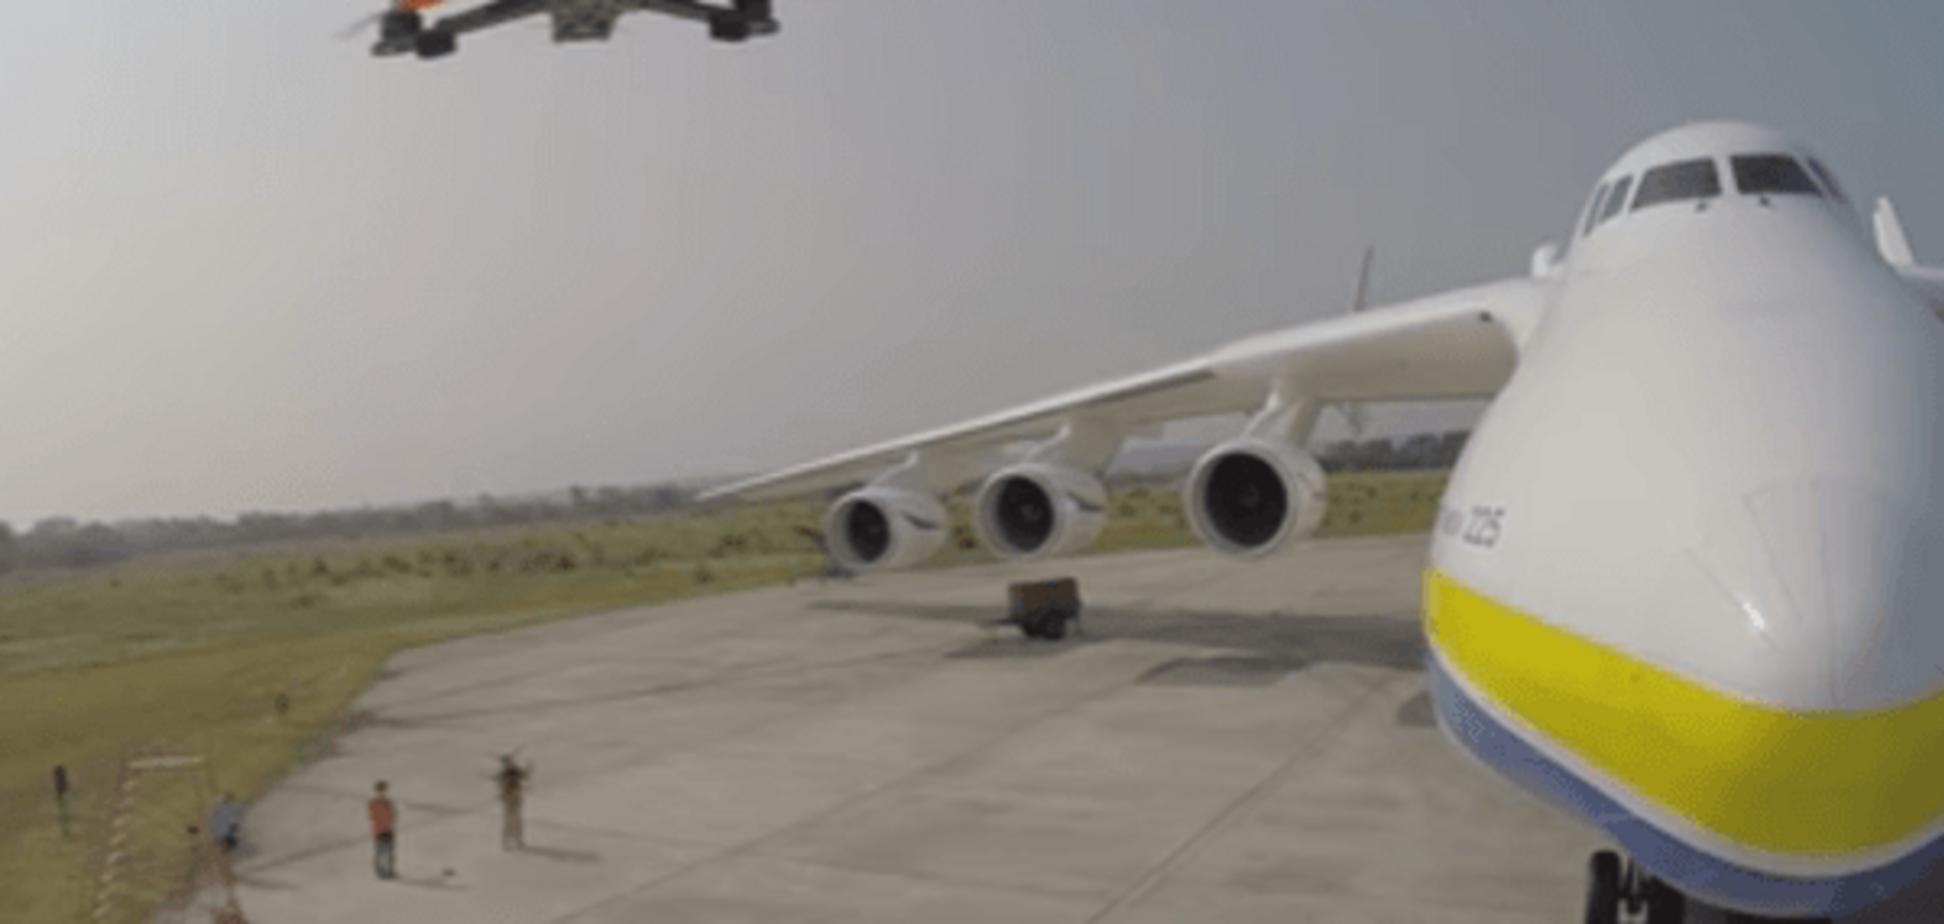 Зверху, знизу і в ньому: американці дронами зняли видовищне відео про літак-гігант 'Мрія'